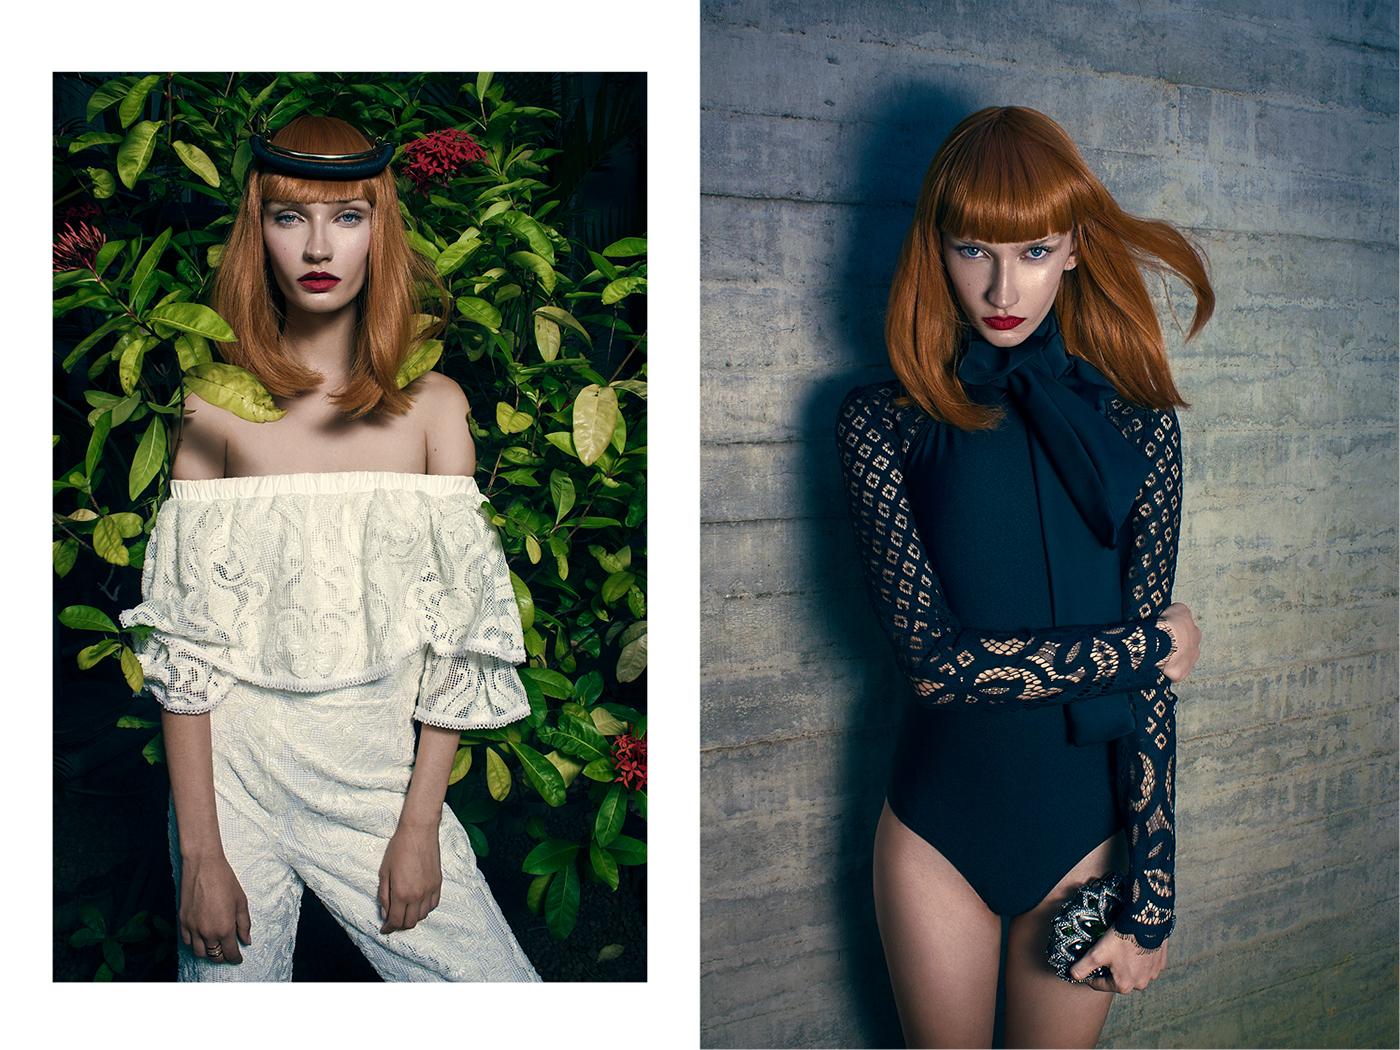 Adobe Portfolio Fashion  retouching  tratamento image pos Produção retouch high-end